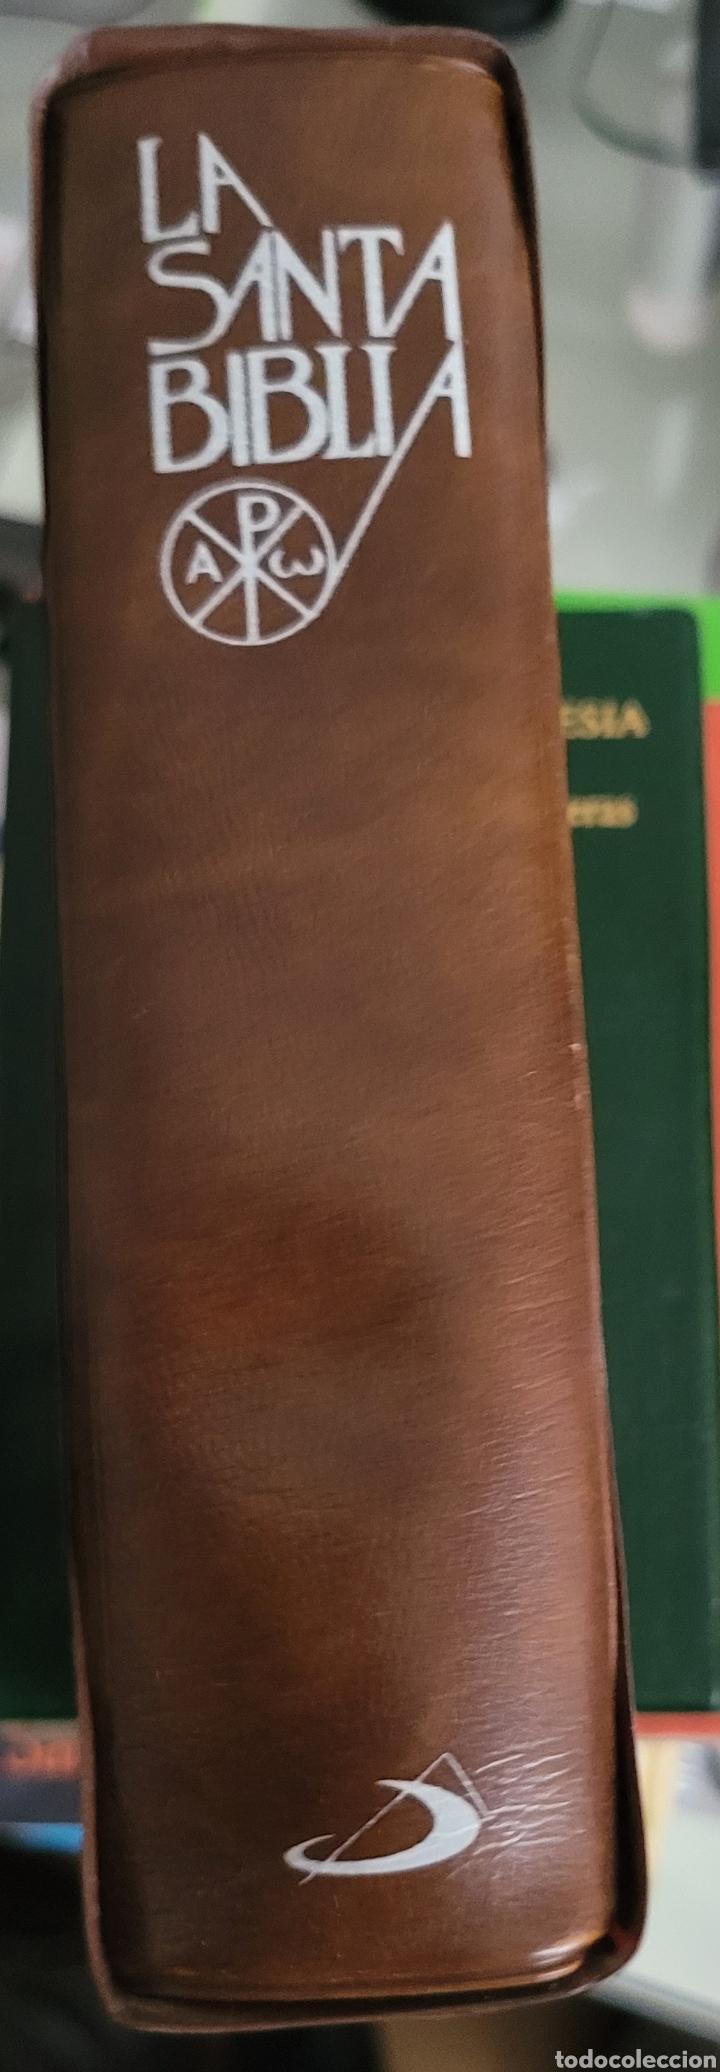 LA SANTA BIBLIA. (Libros Nuevos - Humanidades - Religión)